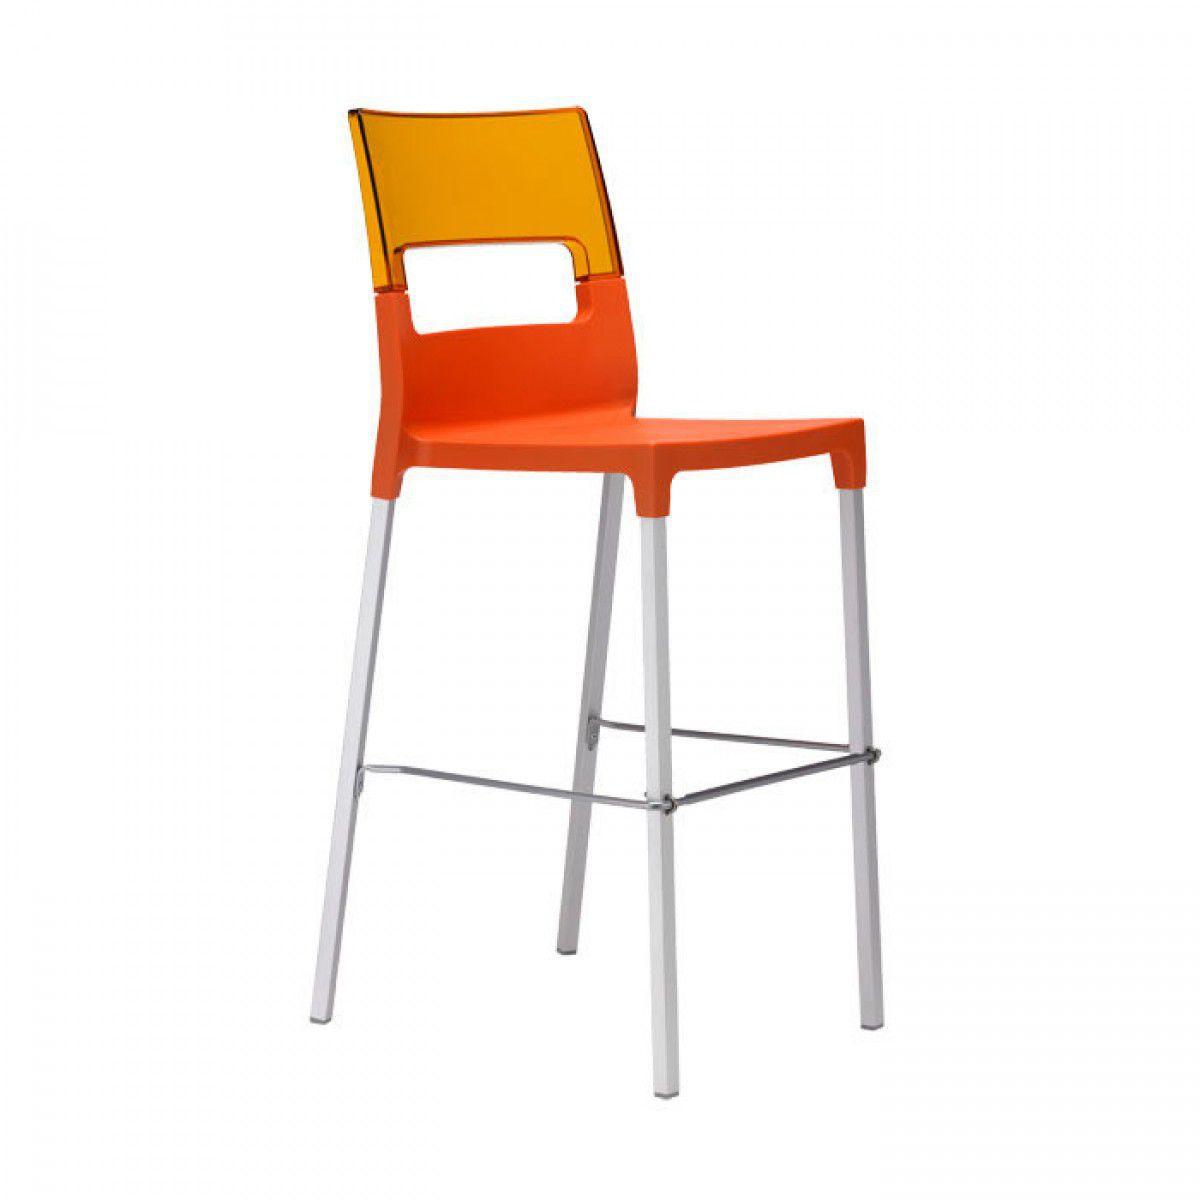 pieds Chaise contemporaine repose avec en de bar K3FJuT1lc